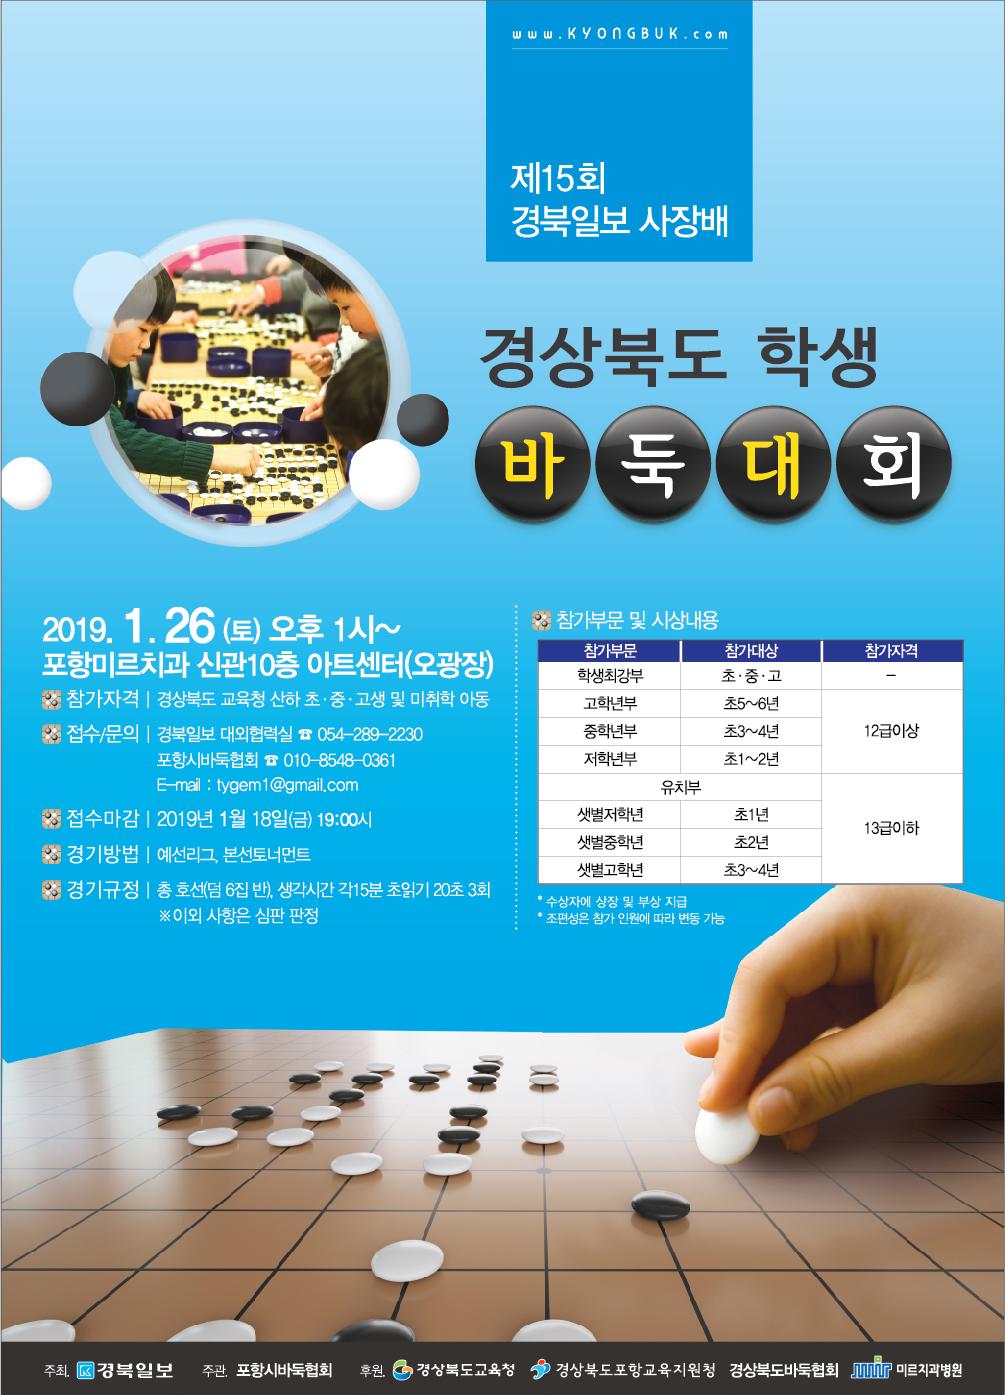 2019_제15회 경북일보사장배_경상북도학생바둑대회_pop.jpg